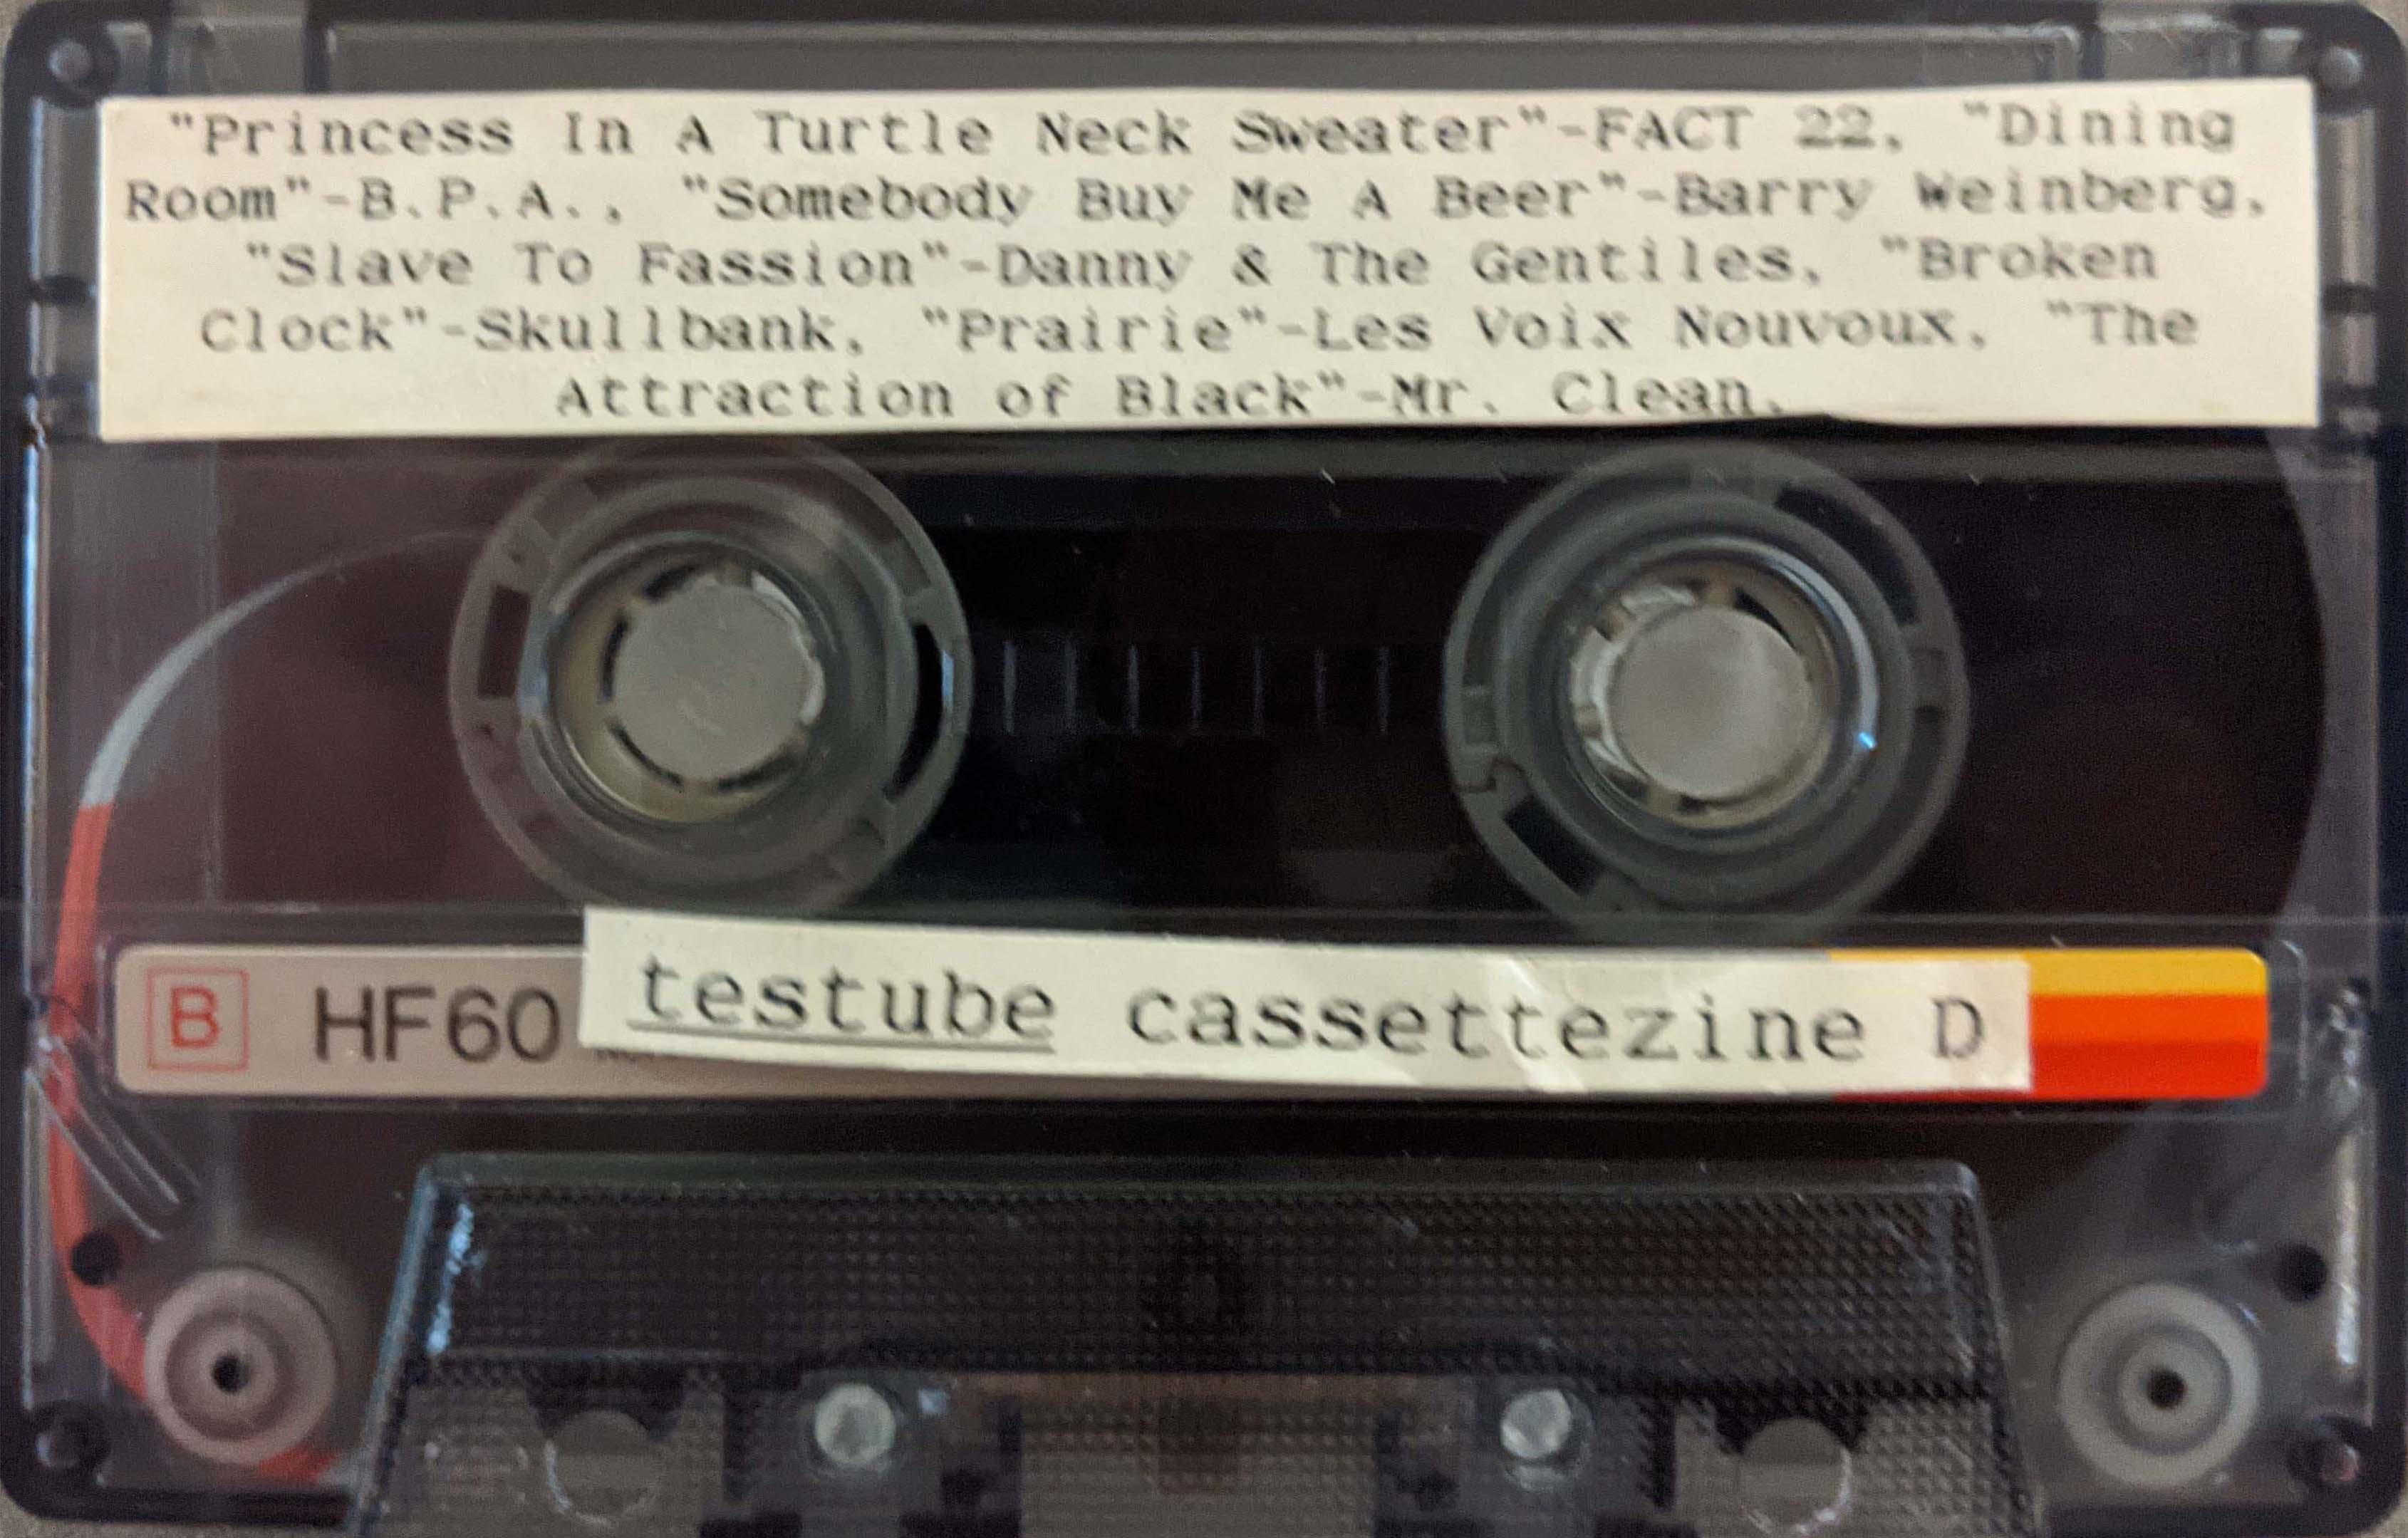 testube cassettezine D